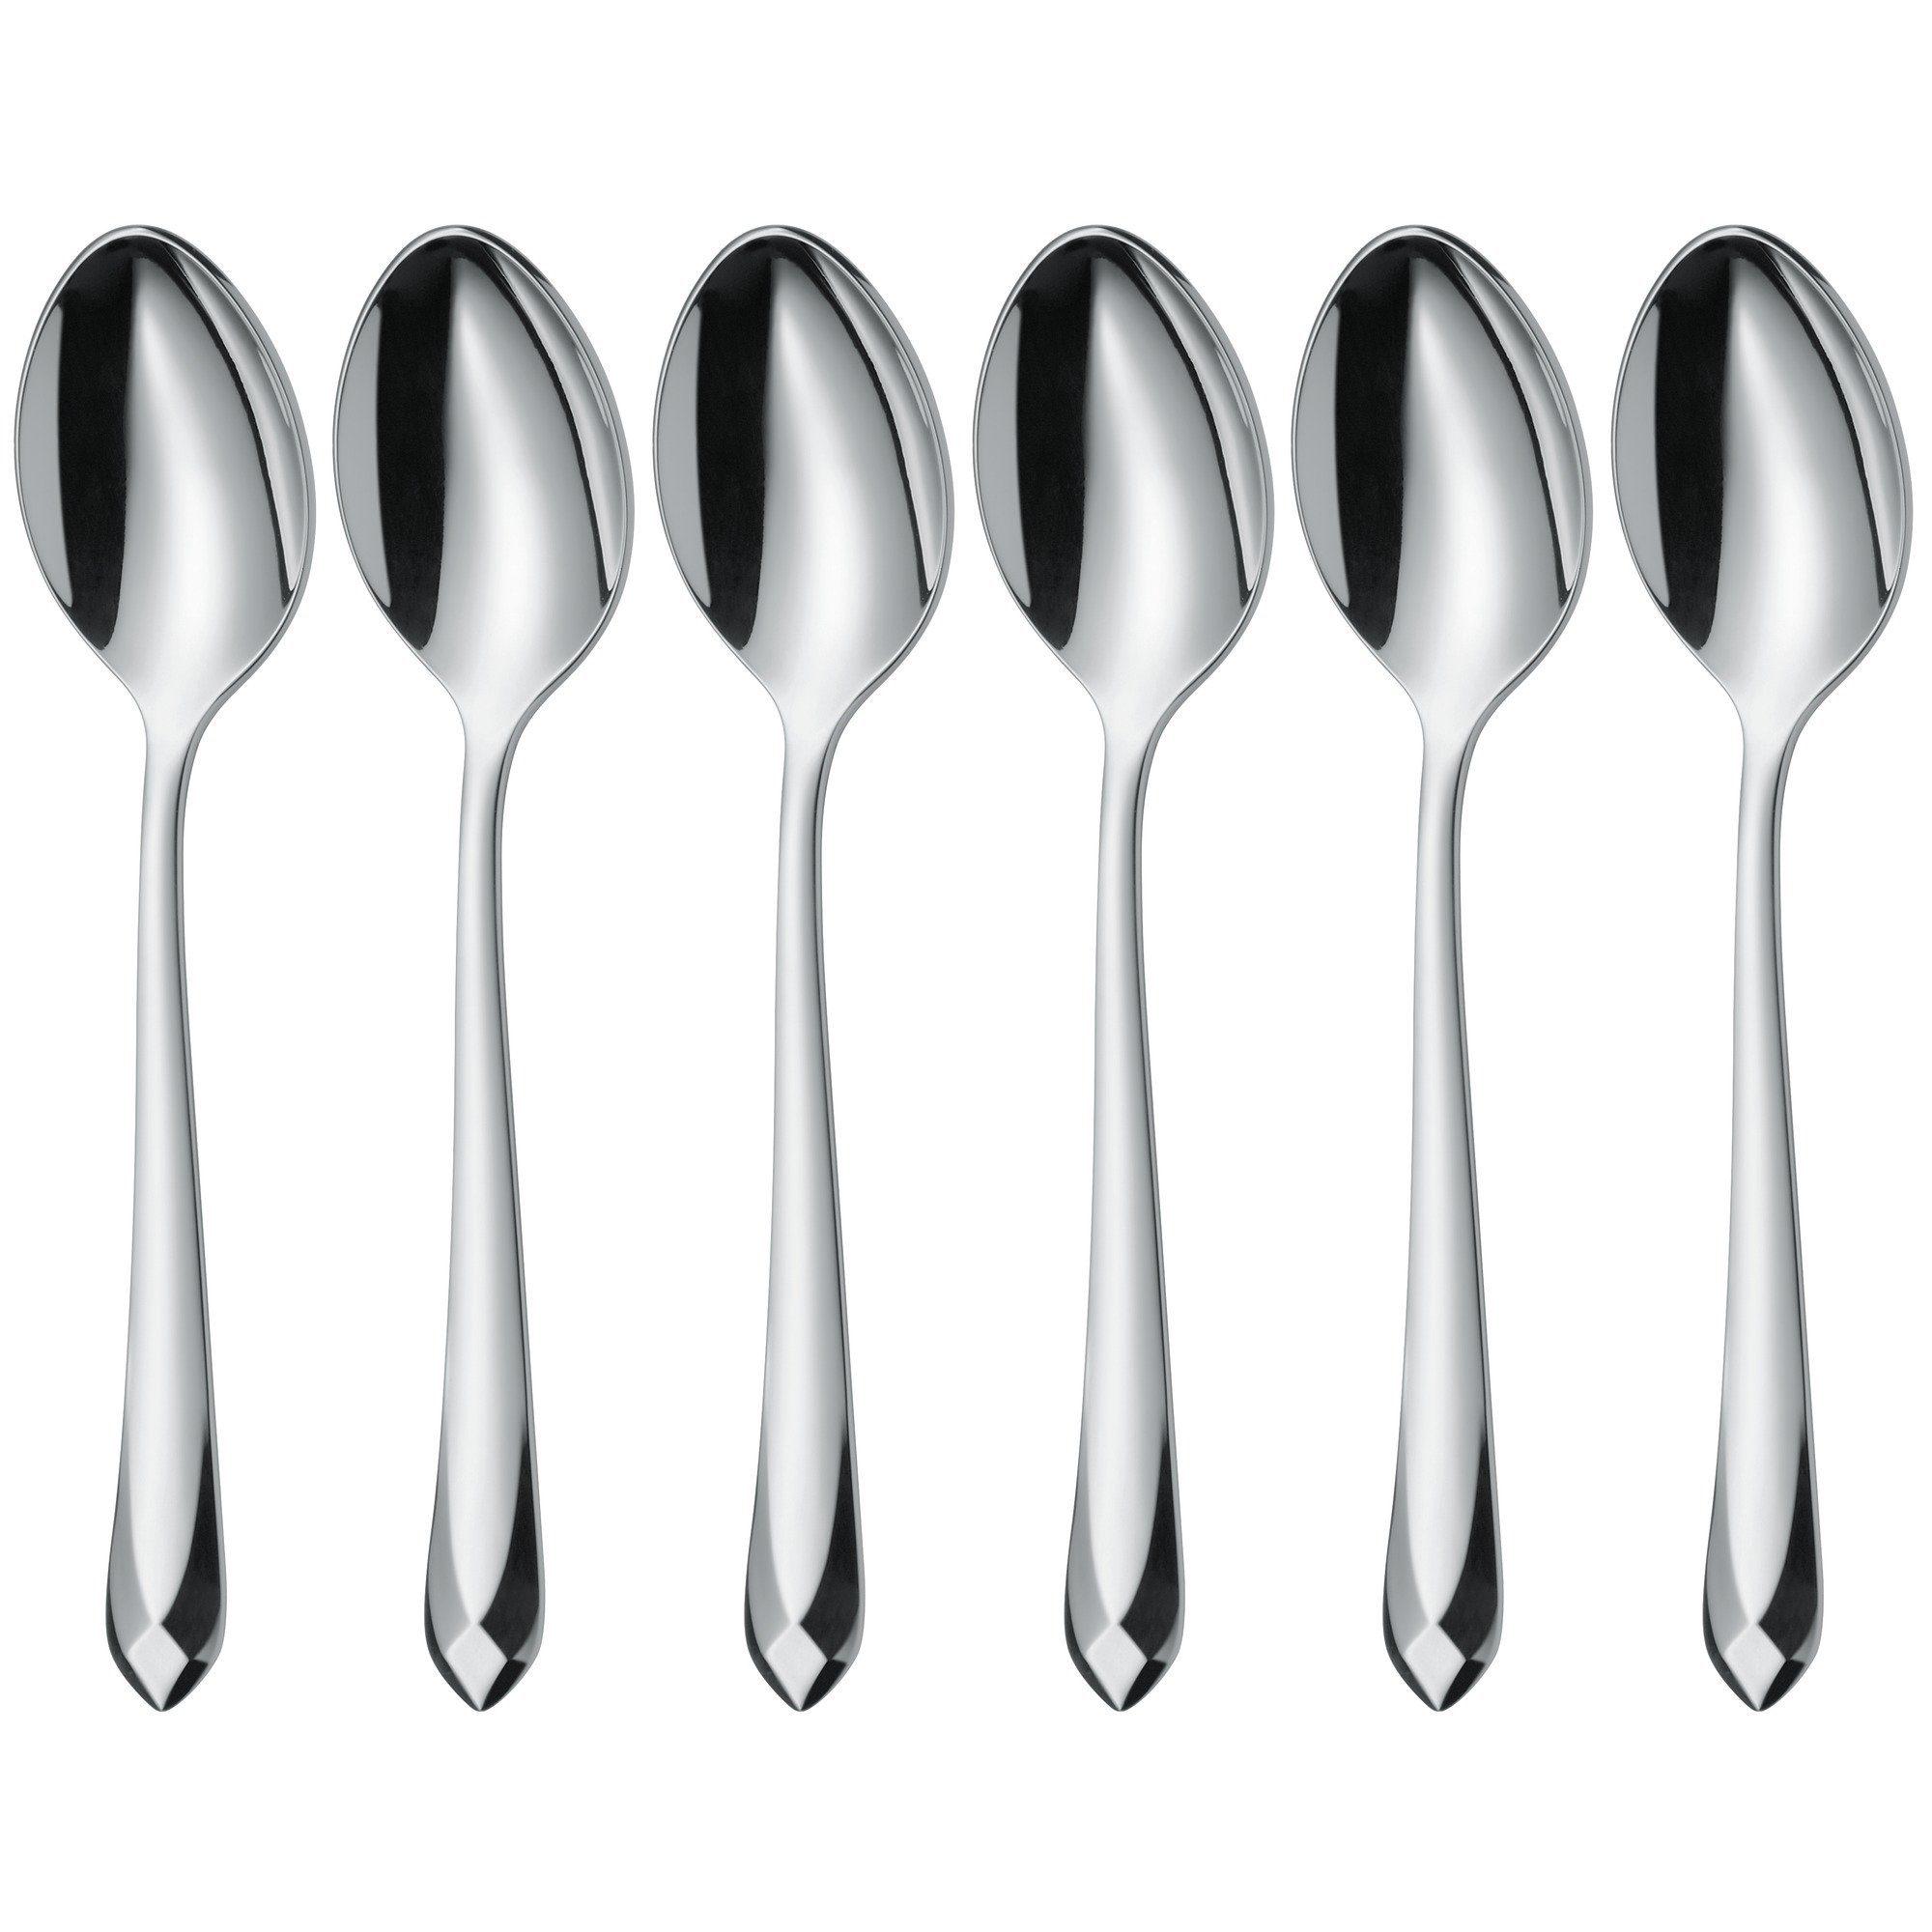 WMF Espressolöffel Jette Wohnen/Haushalt/Haushaltswaren/Besteck & Messer/Besteck-Einzelteile